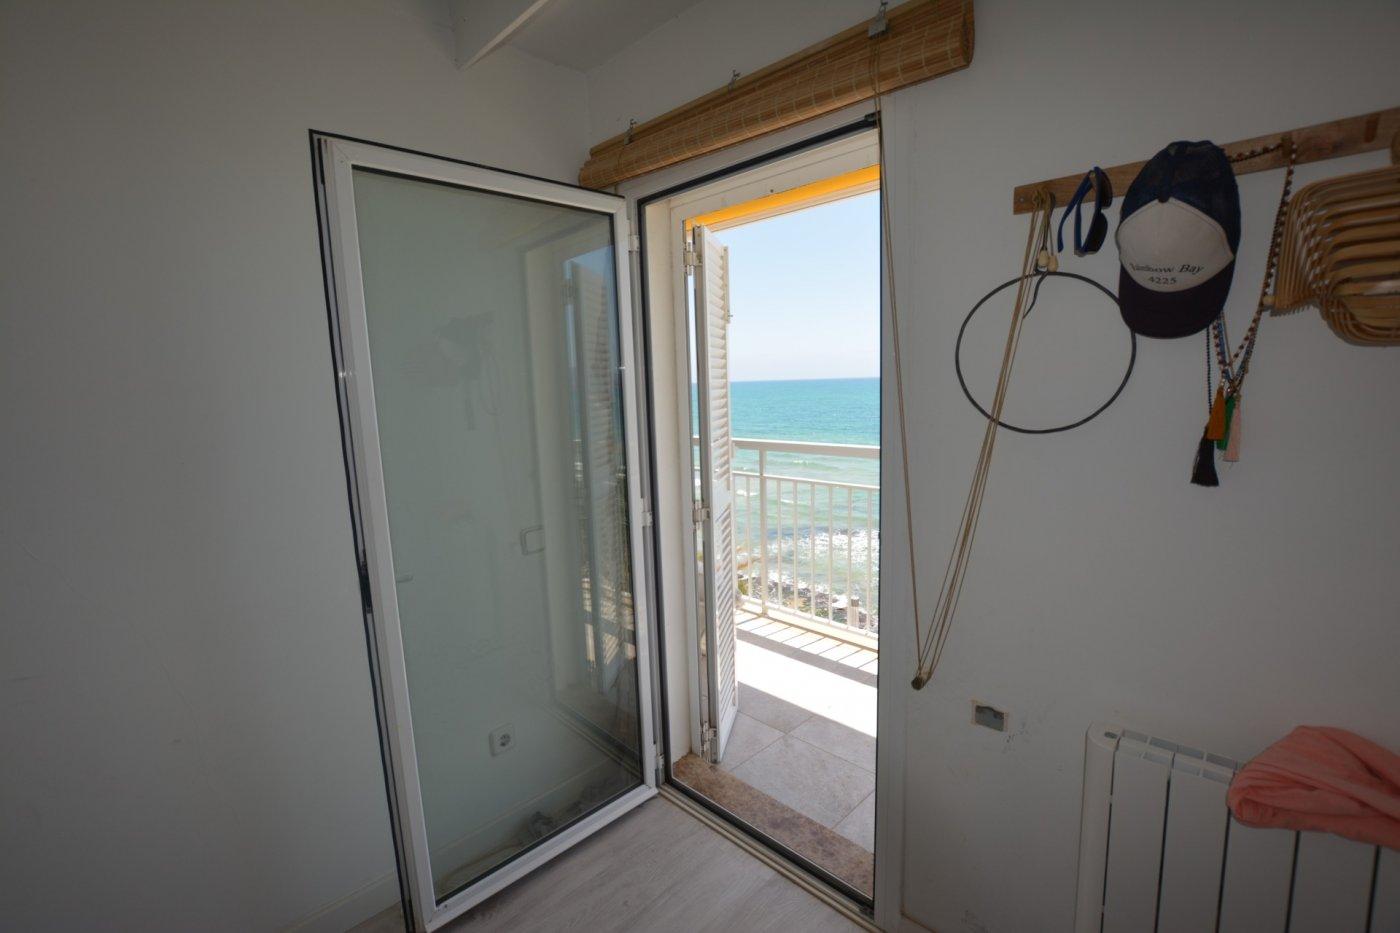 Precioso apartamento primera linea molinar - imagenInmueble14